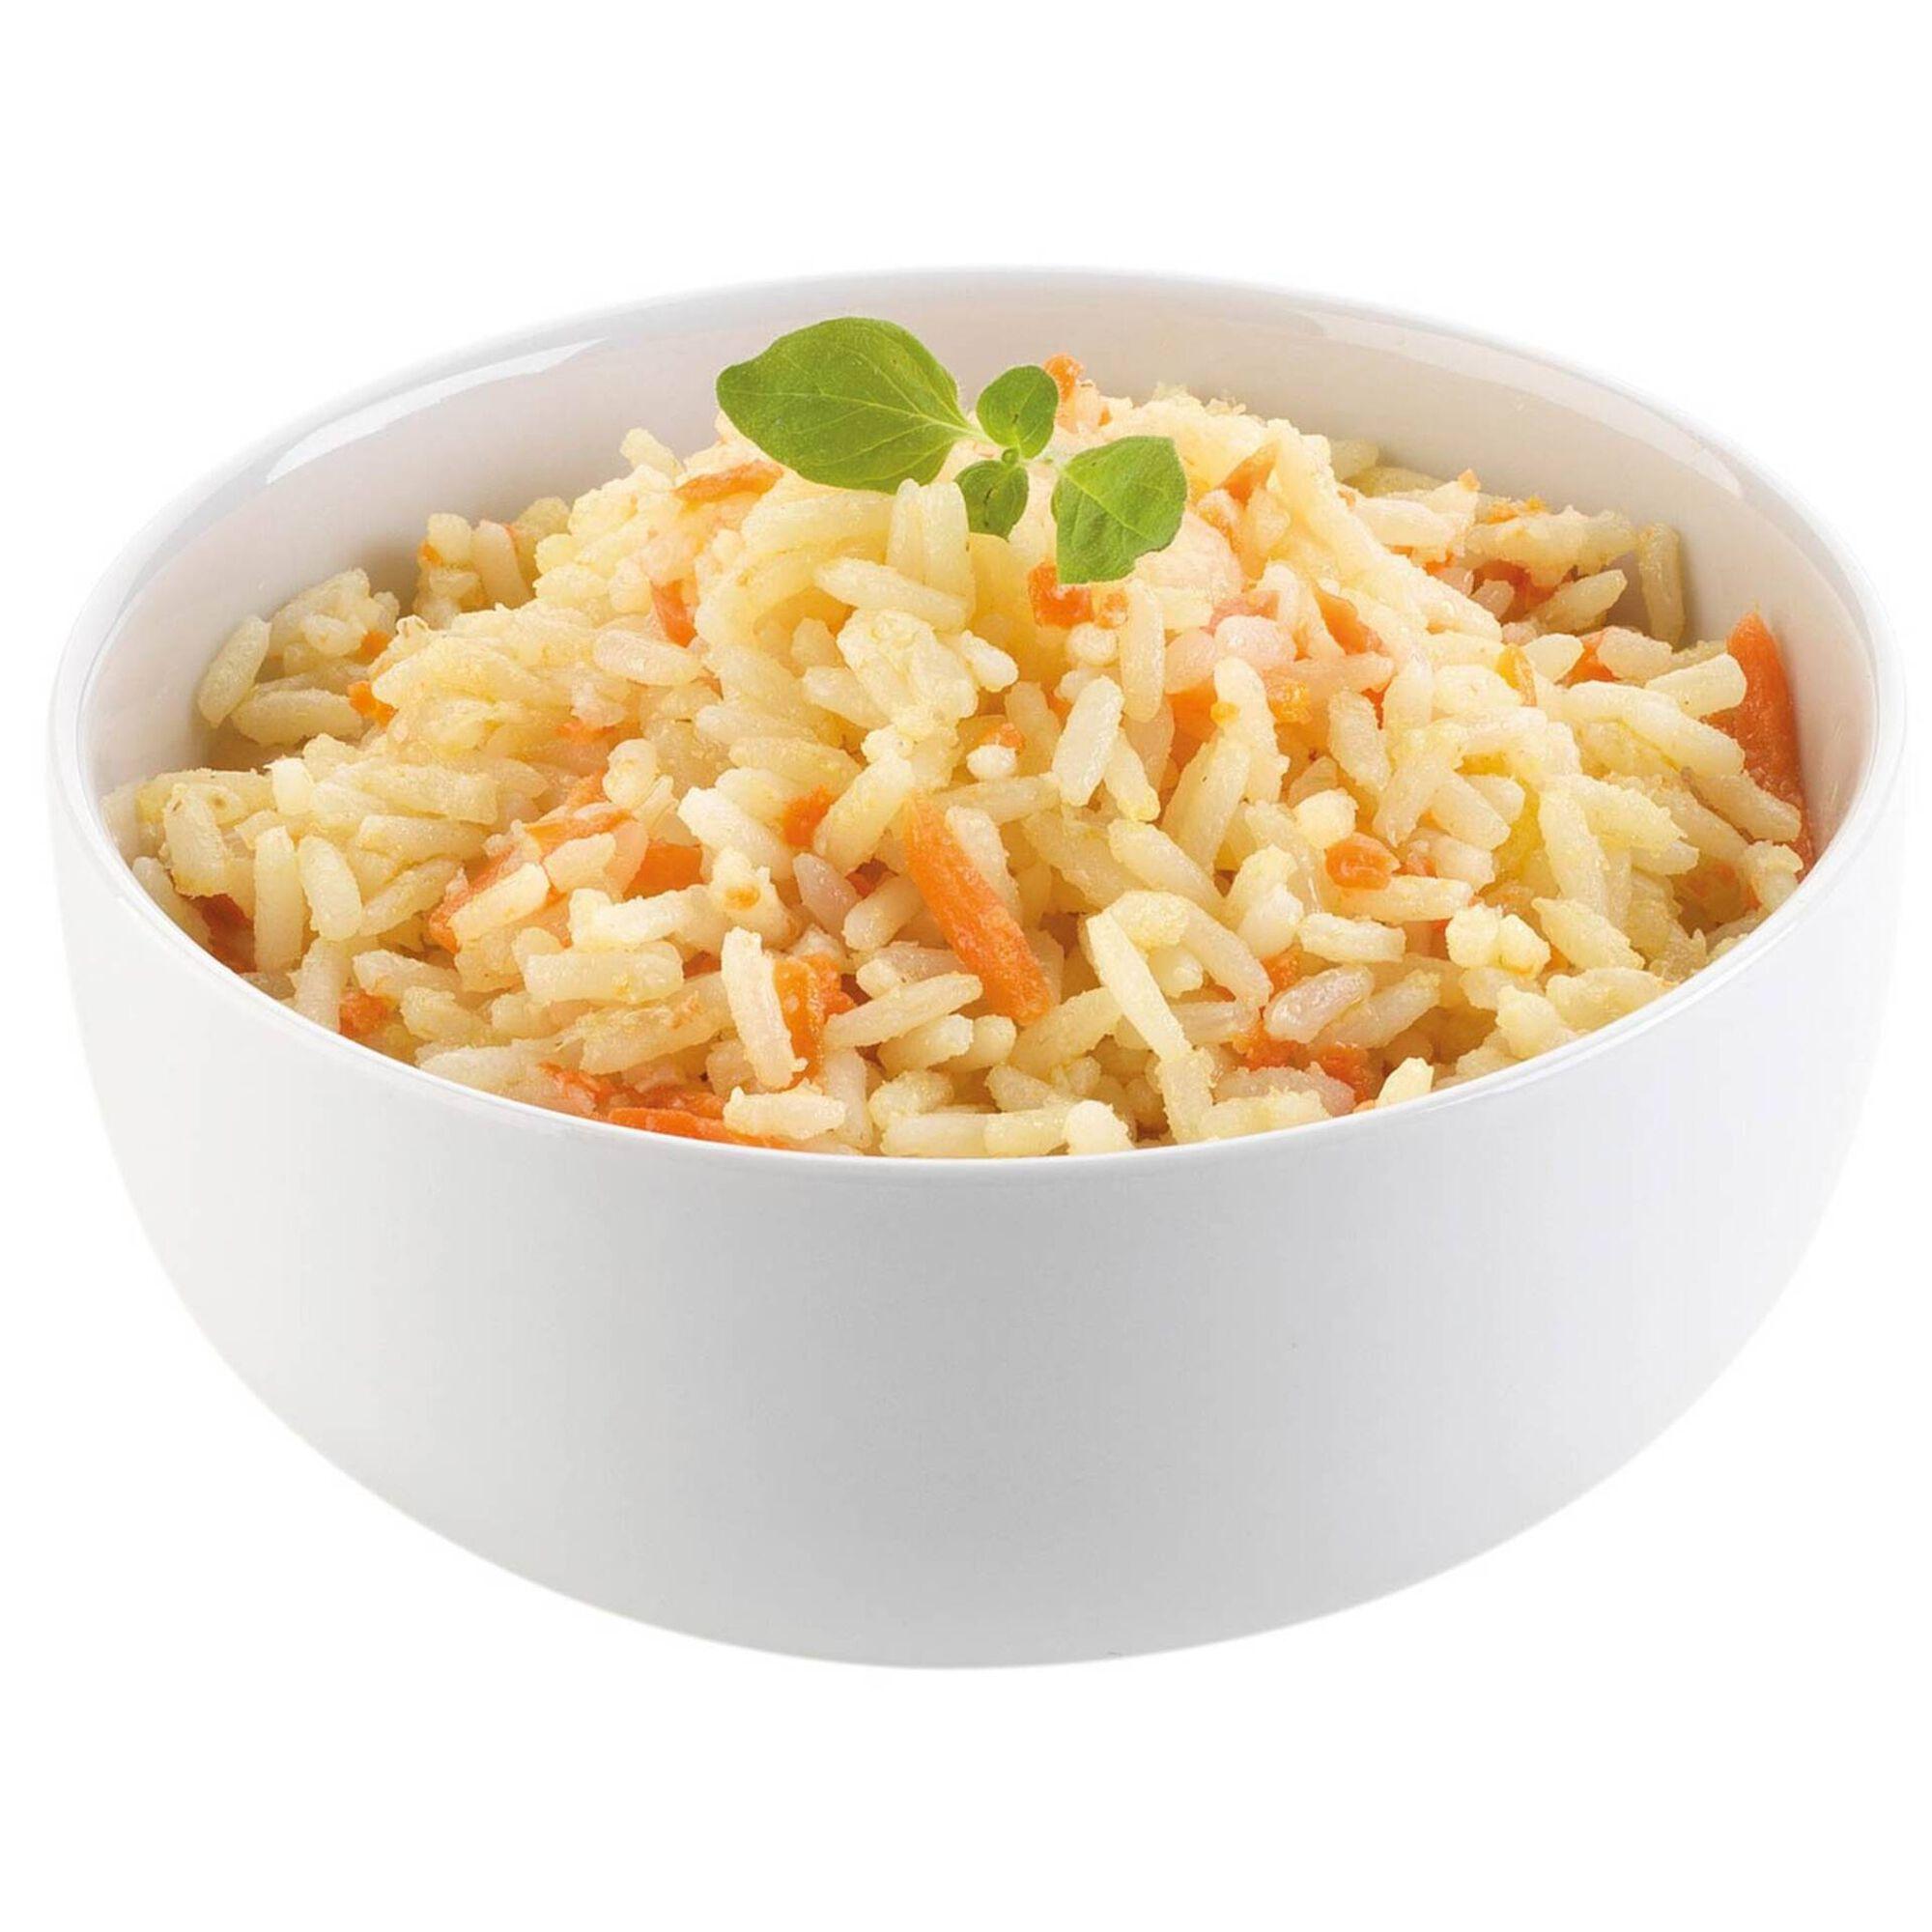 Arroz com Cenoura